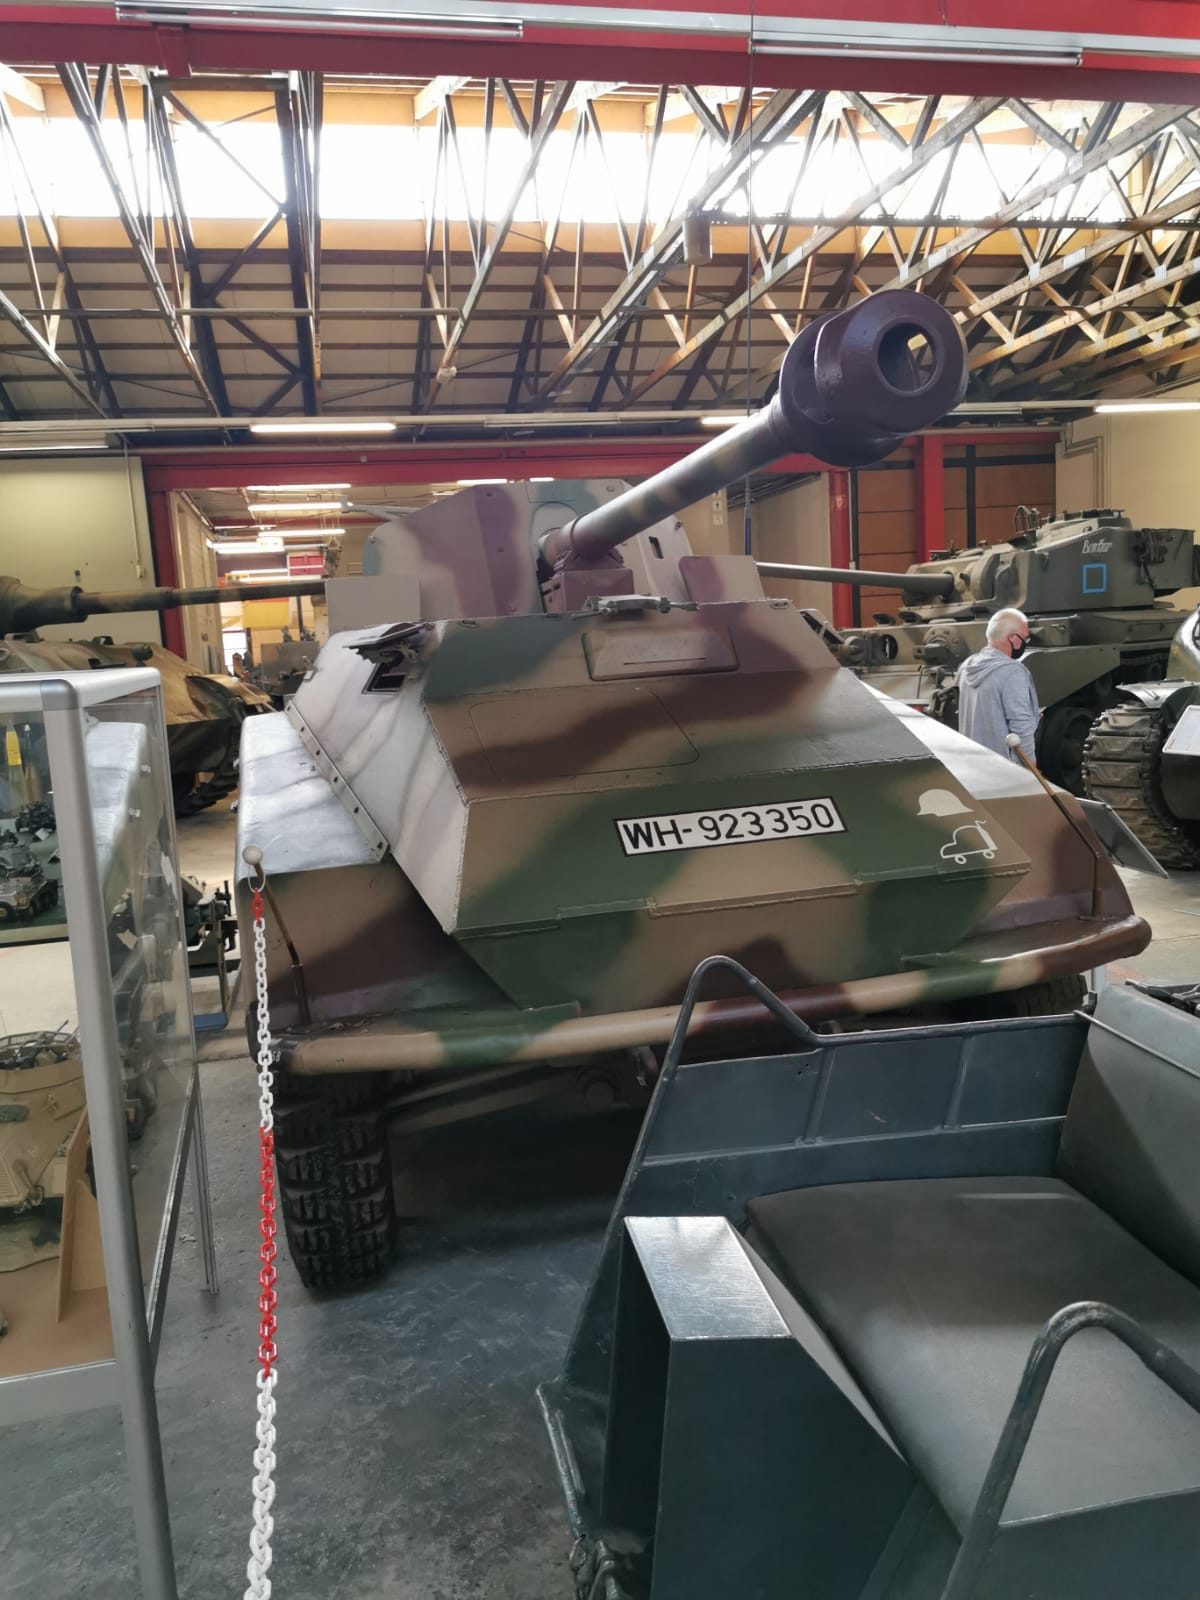 Puma-7-5-cm-PAK